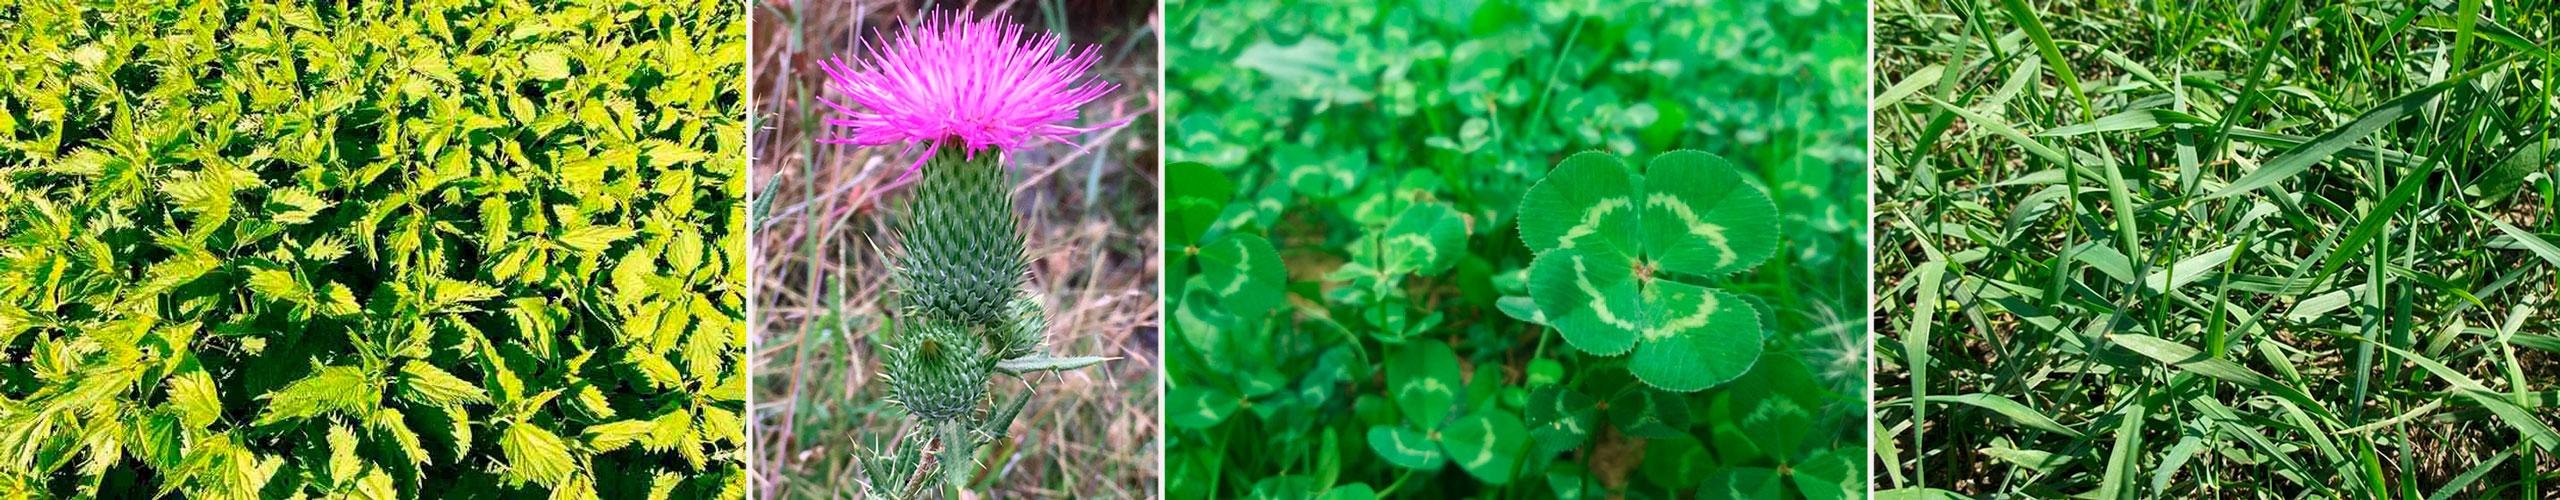 новые фото сорняков растущих на кислых почвах провела